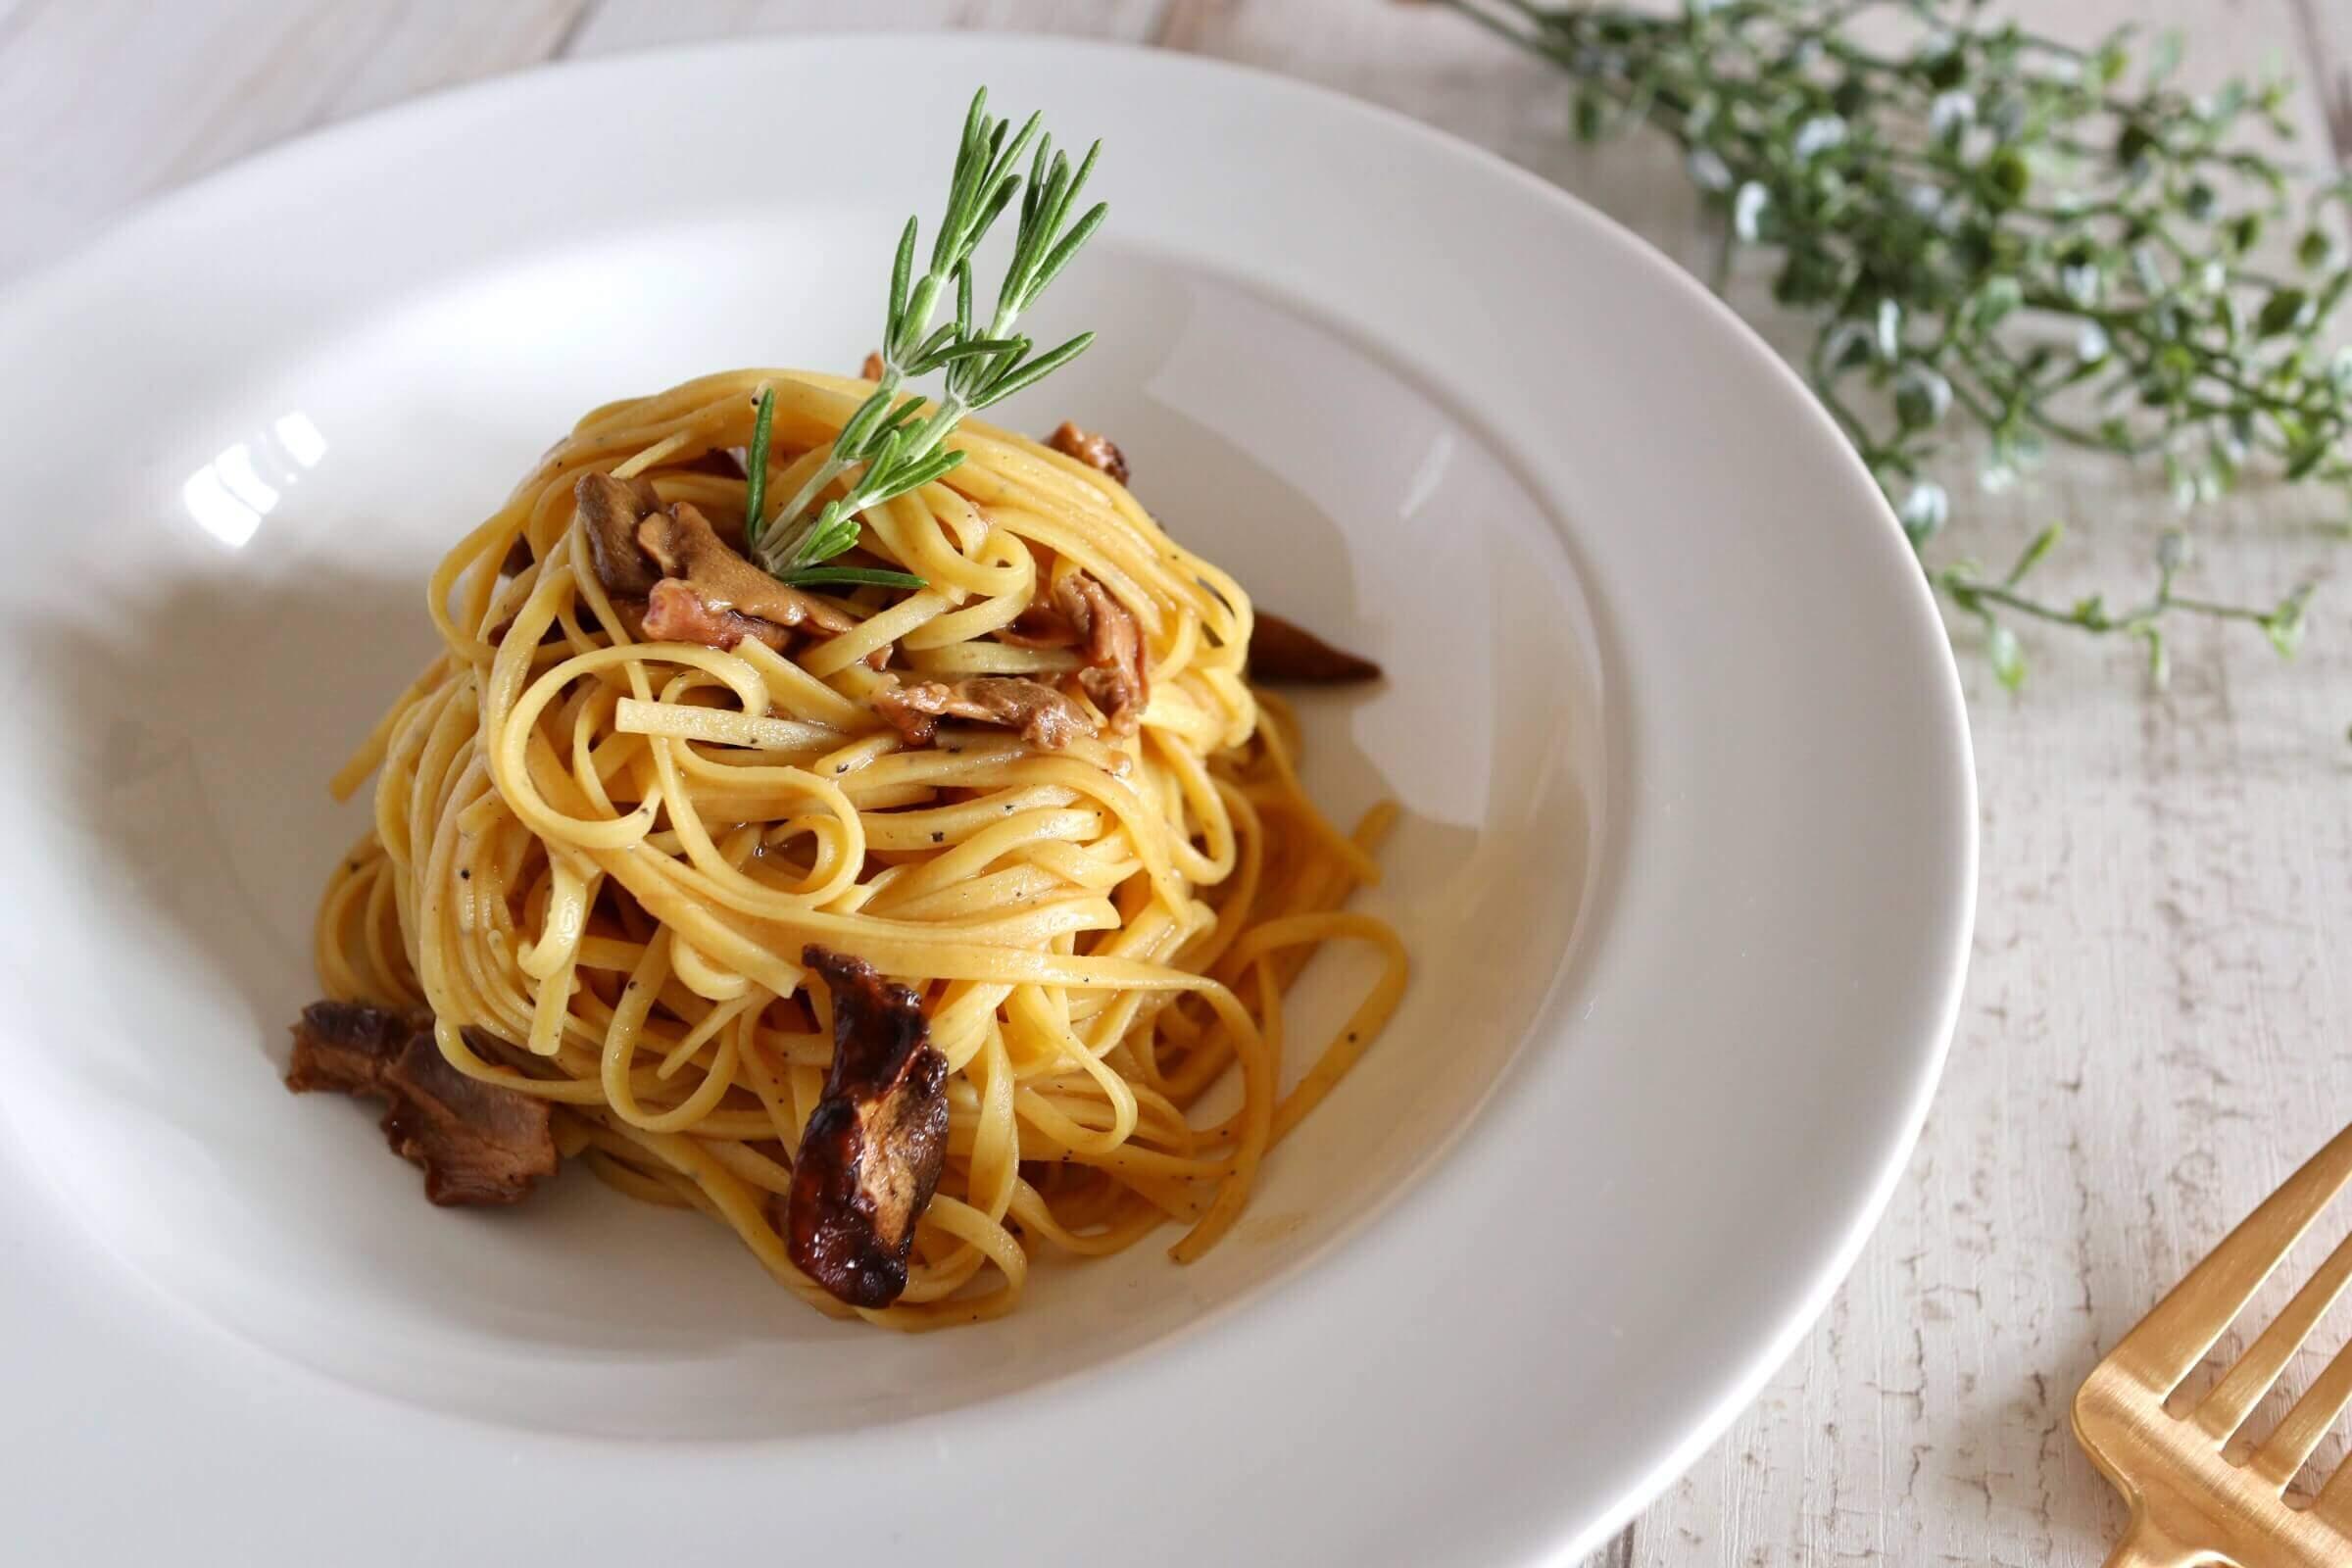 【絶品!】ポルチーニ茸のトリュフパスタのレシピ